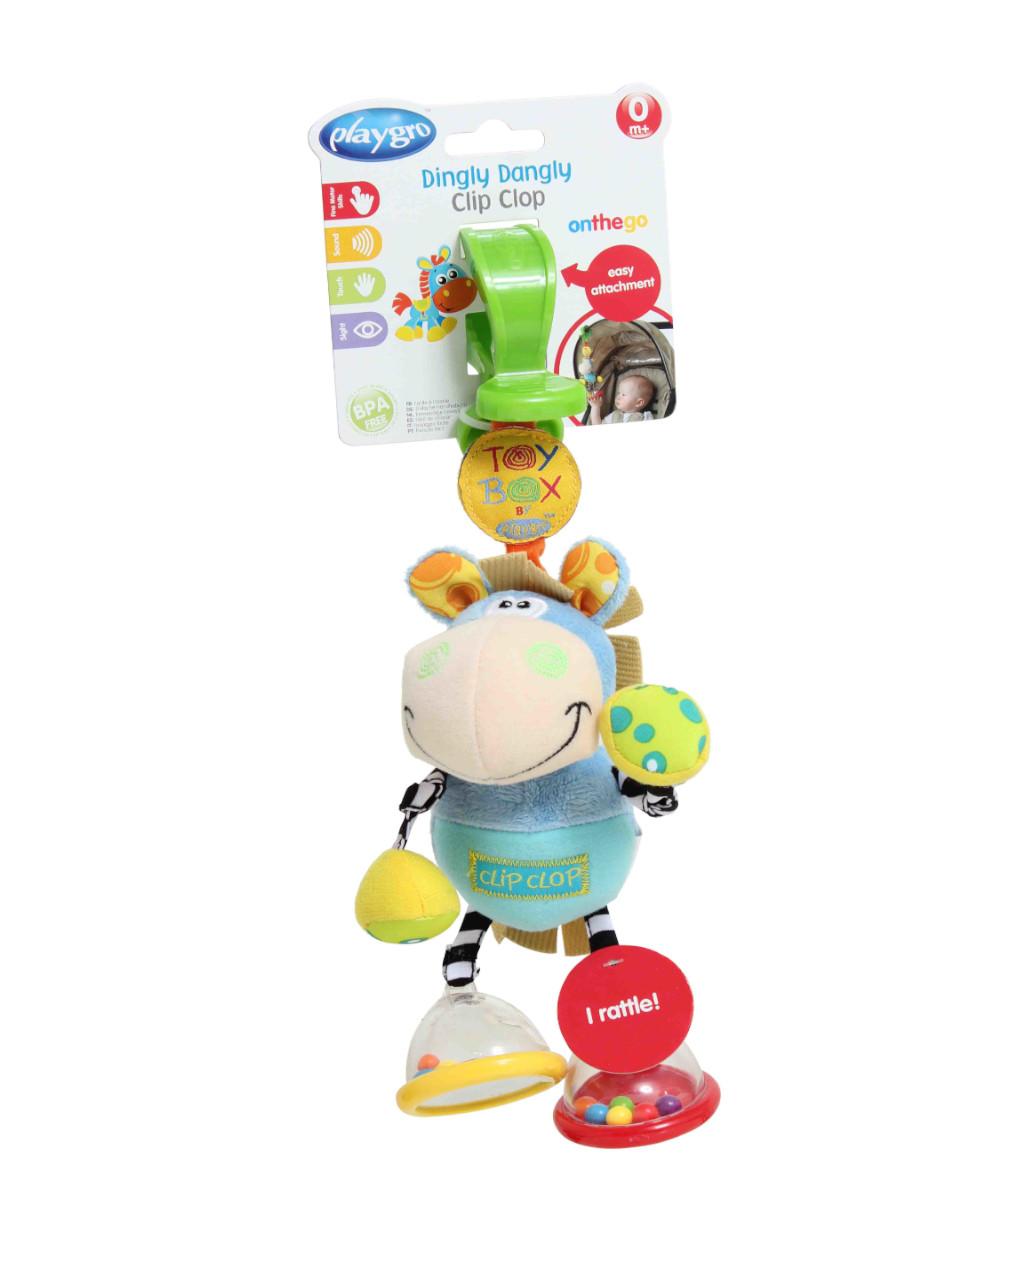 Playgro - caixa de brinquedos clop clop dingly dingly dangly (pequeno cartão de cabeçalho) - Playgro